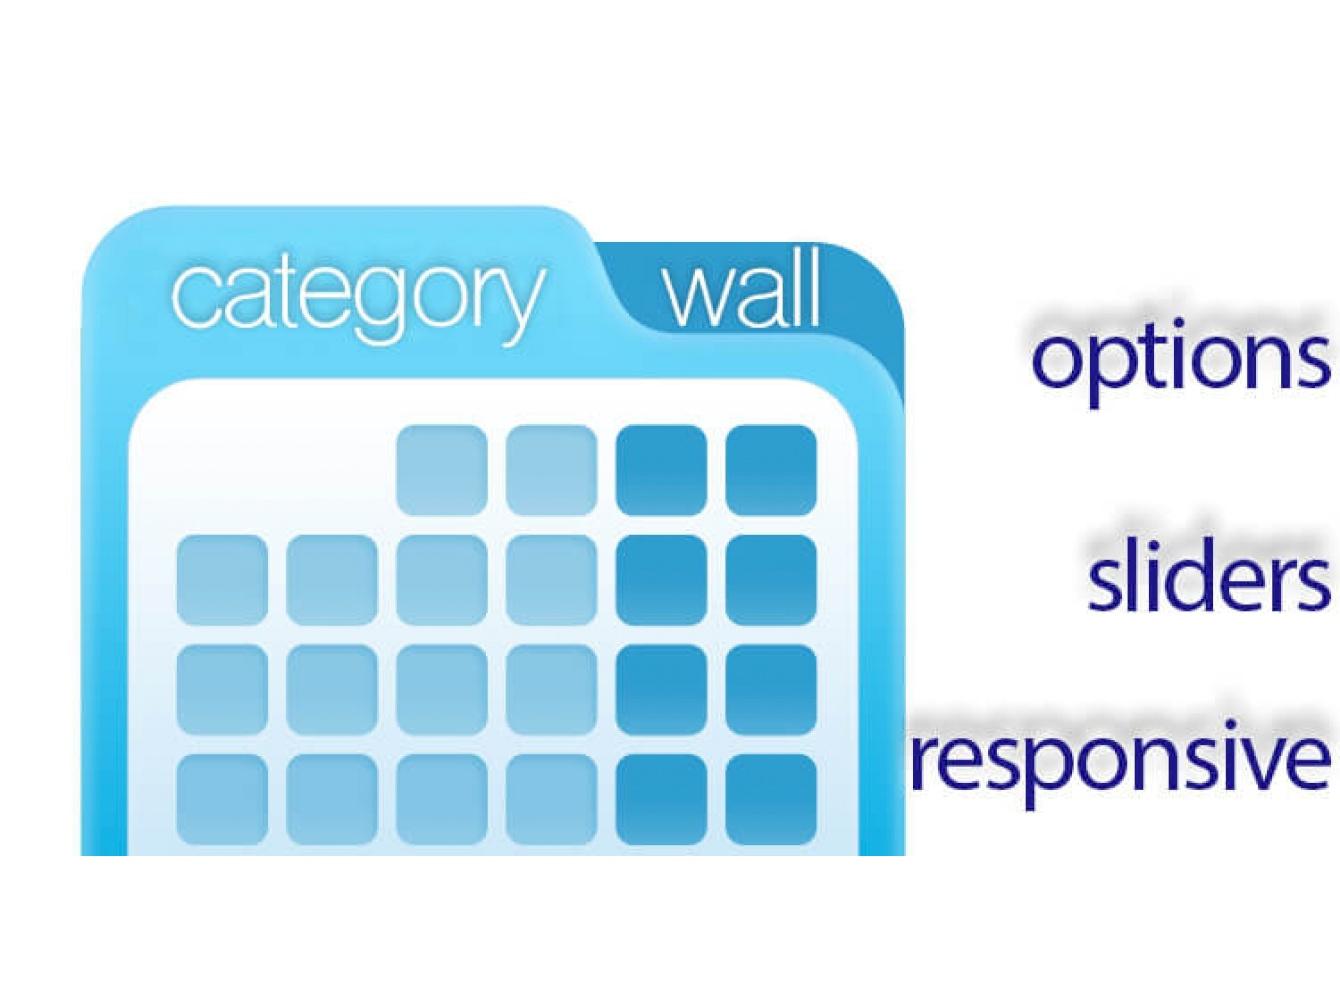 Category Wall